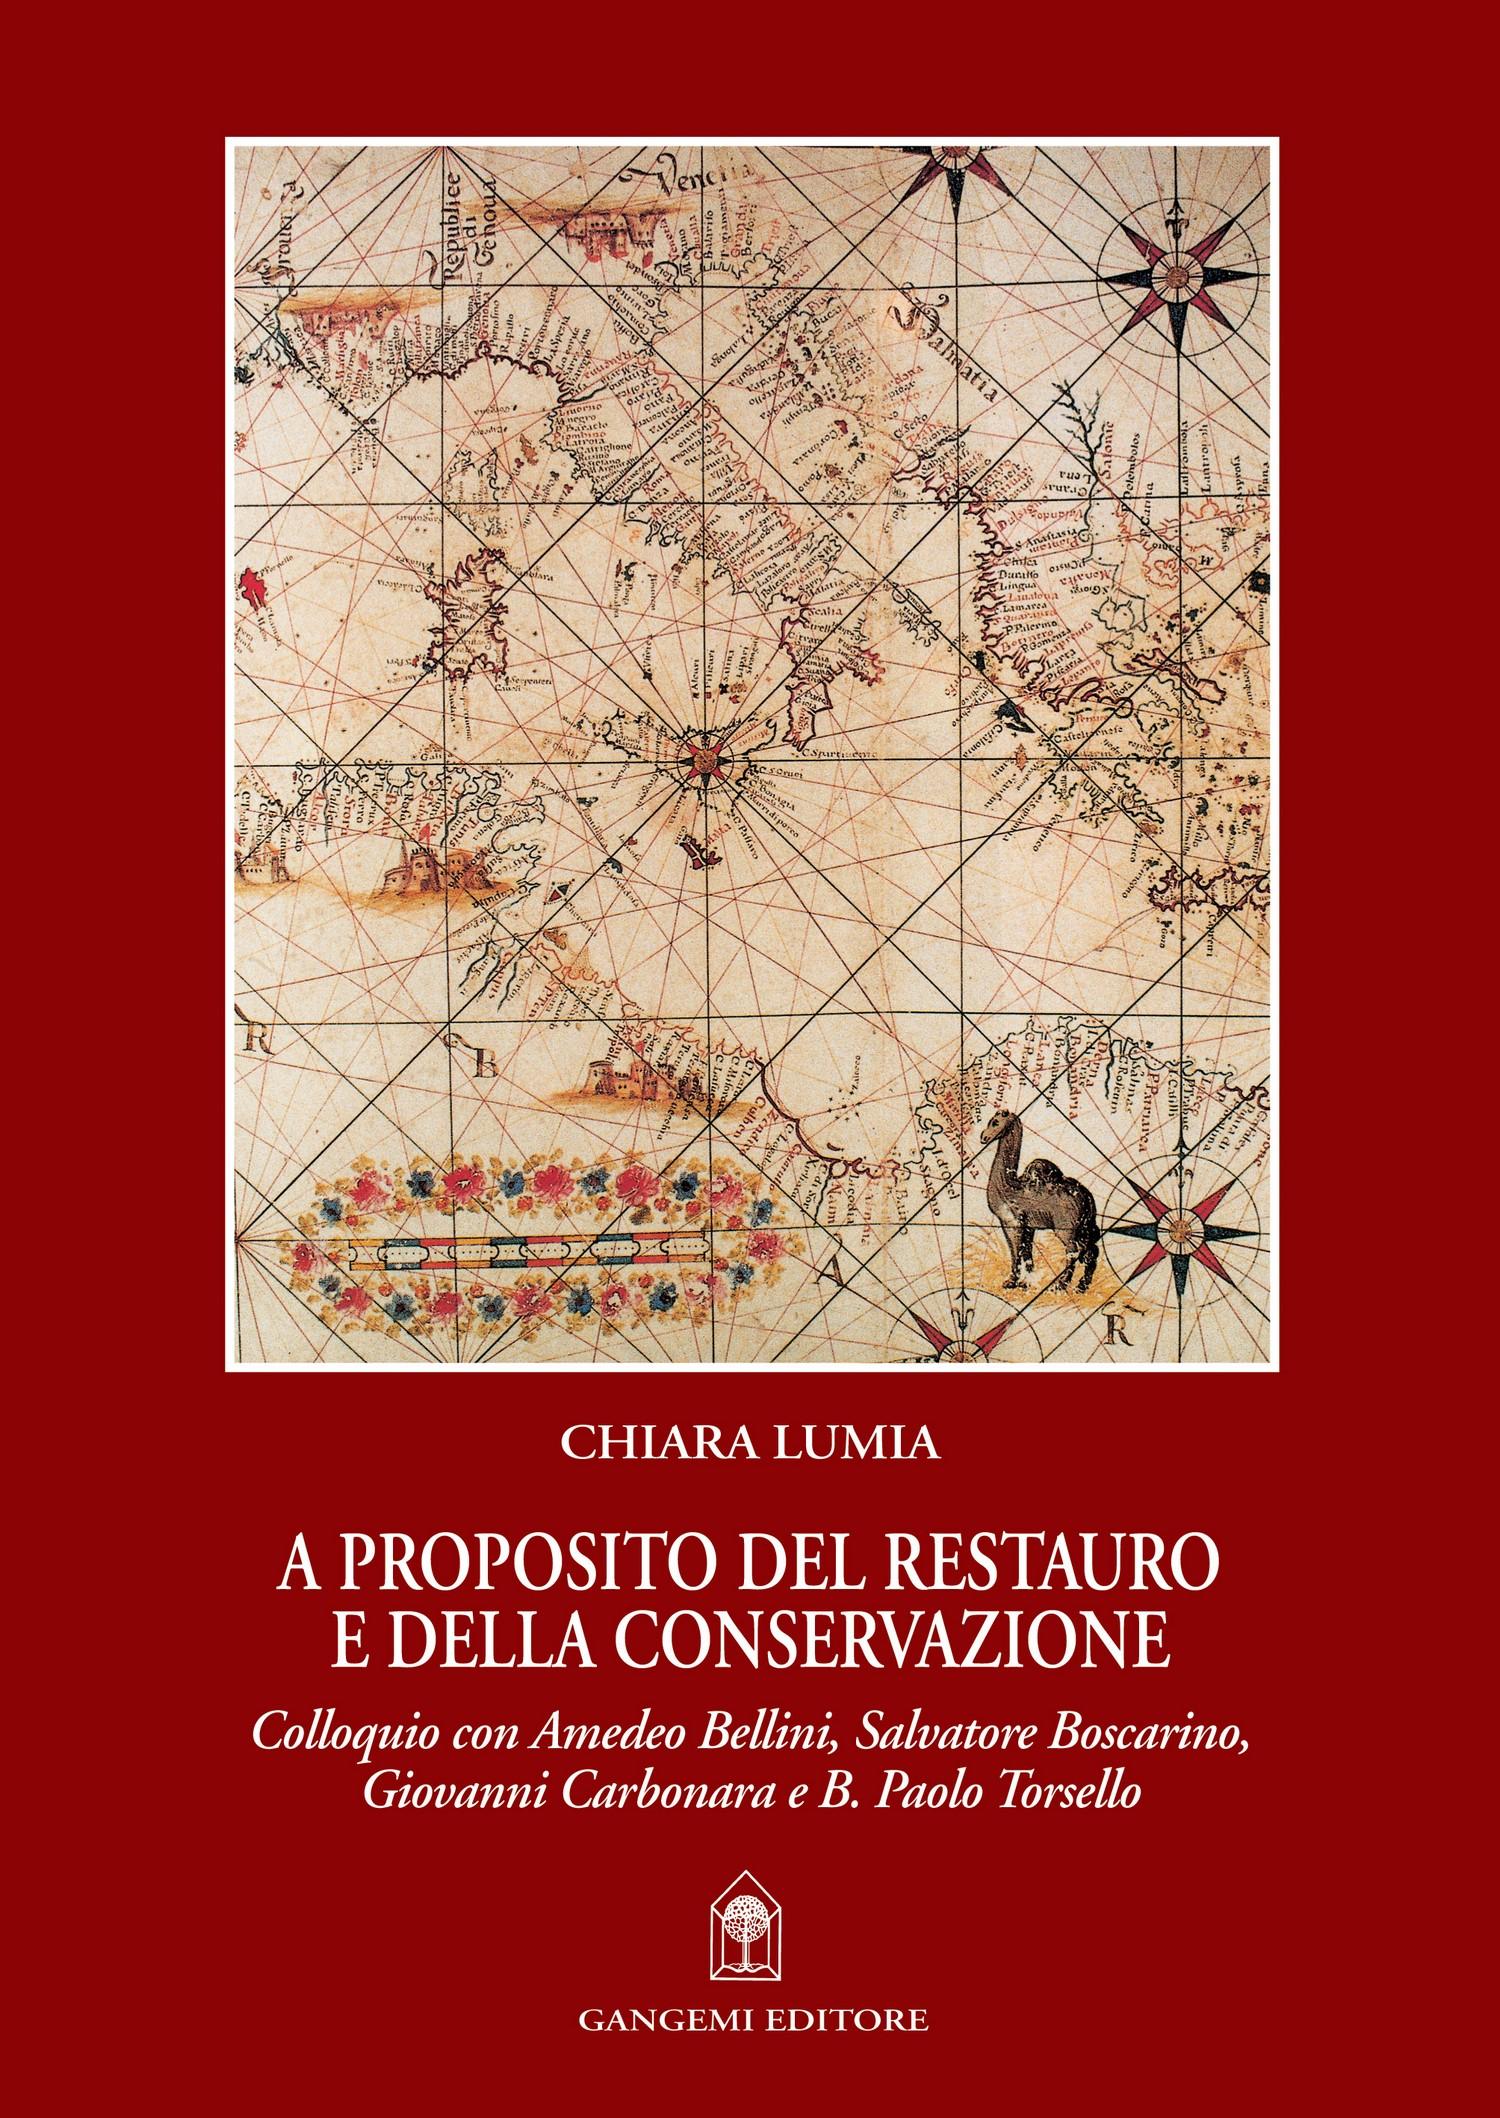 A proposito del restauro e della conservazione : colloquio con Amedeo Bellini, Salvatore Boscarino, Giovanni Carbonara e B. Paolo Torsello